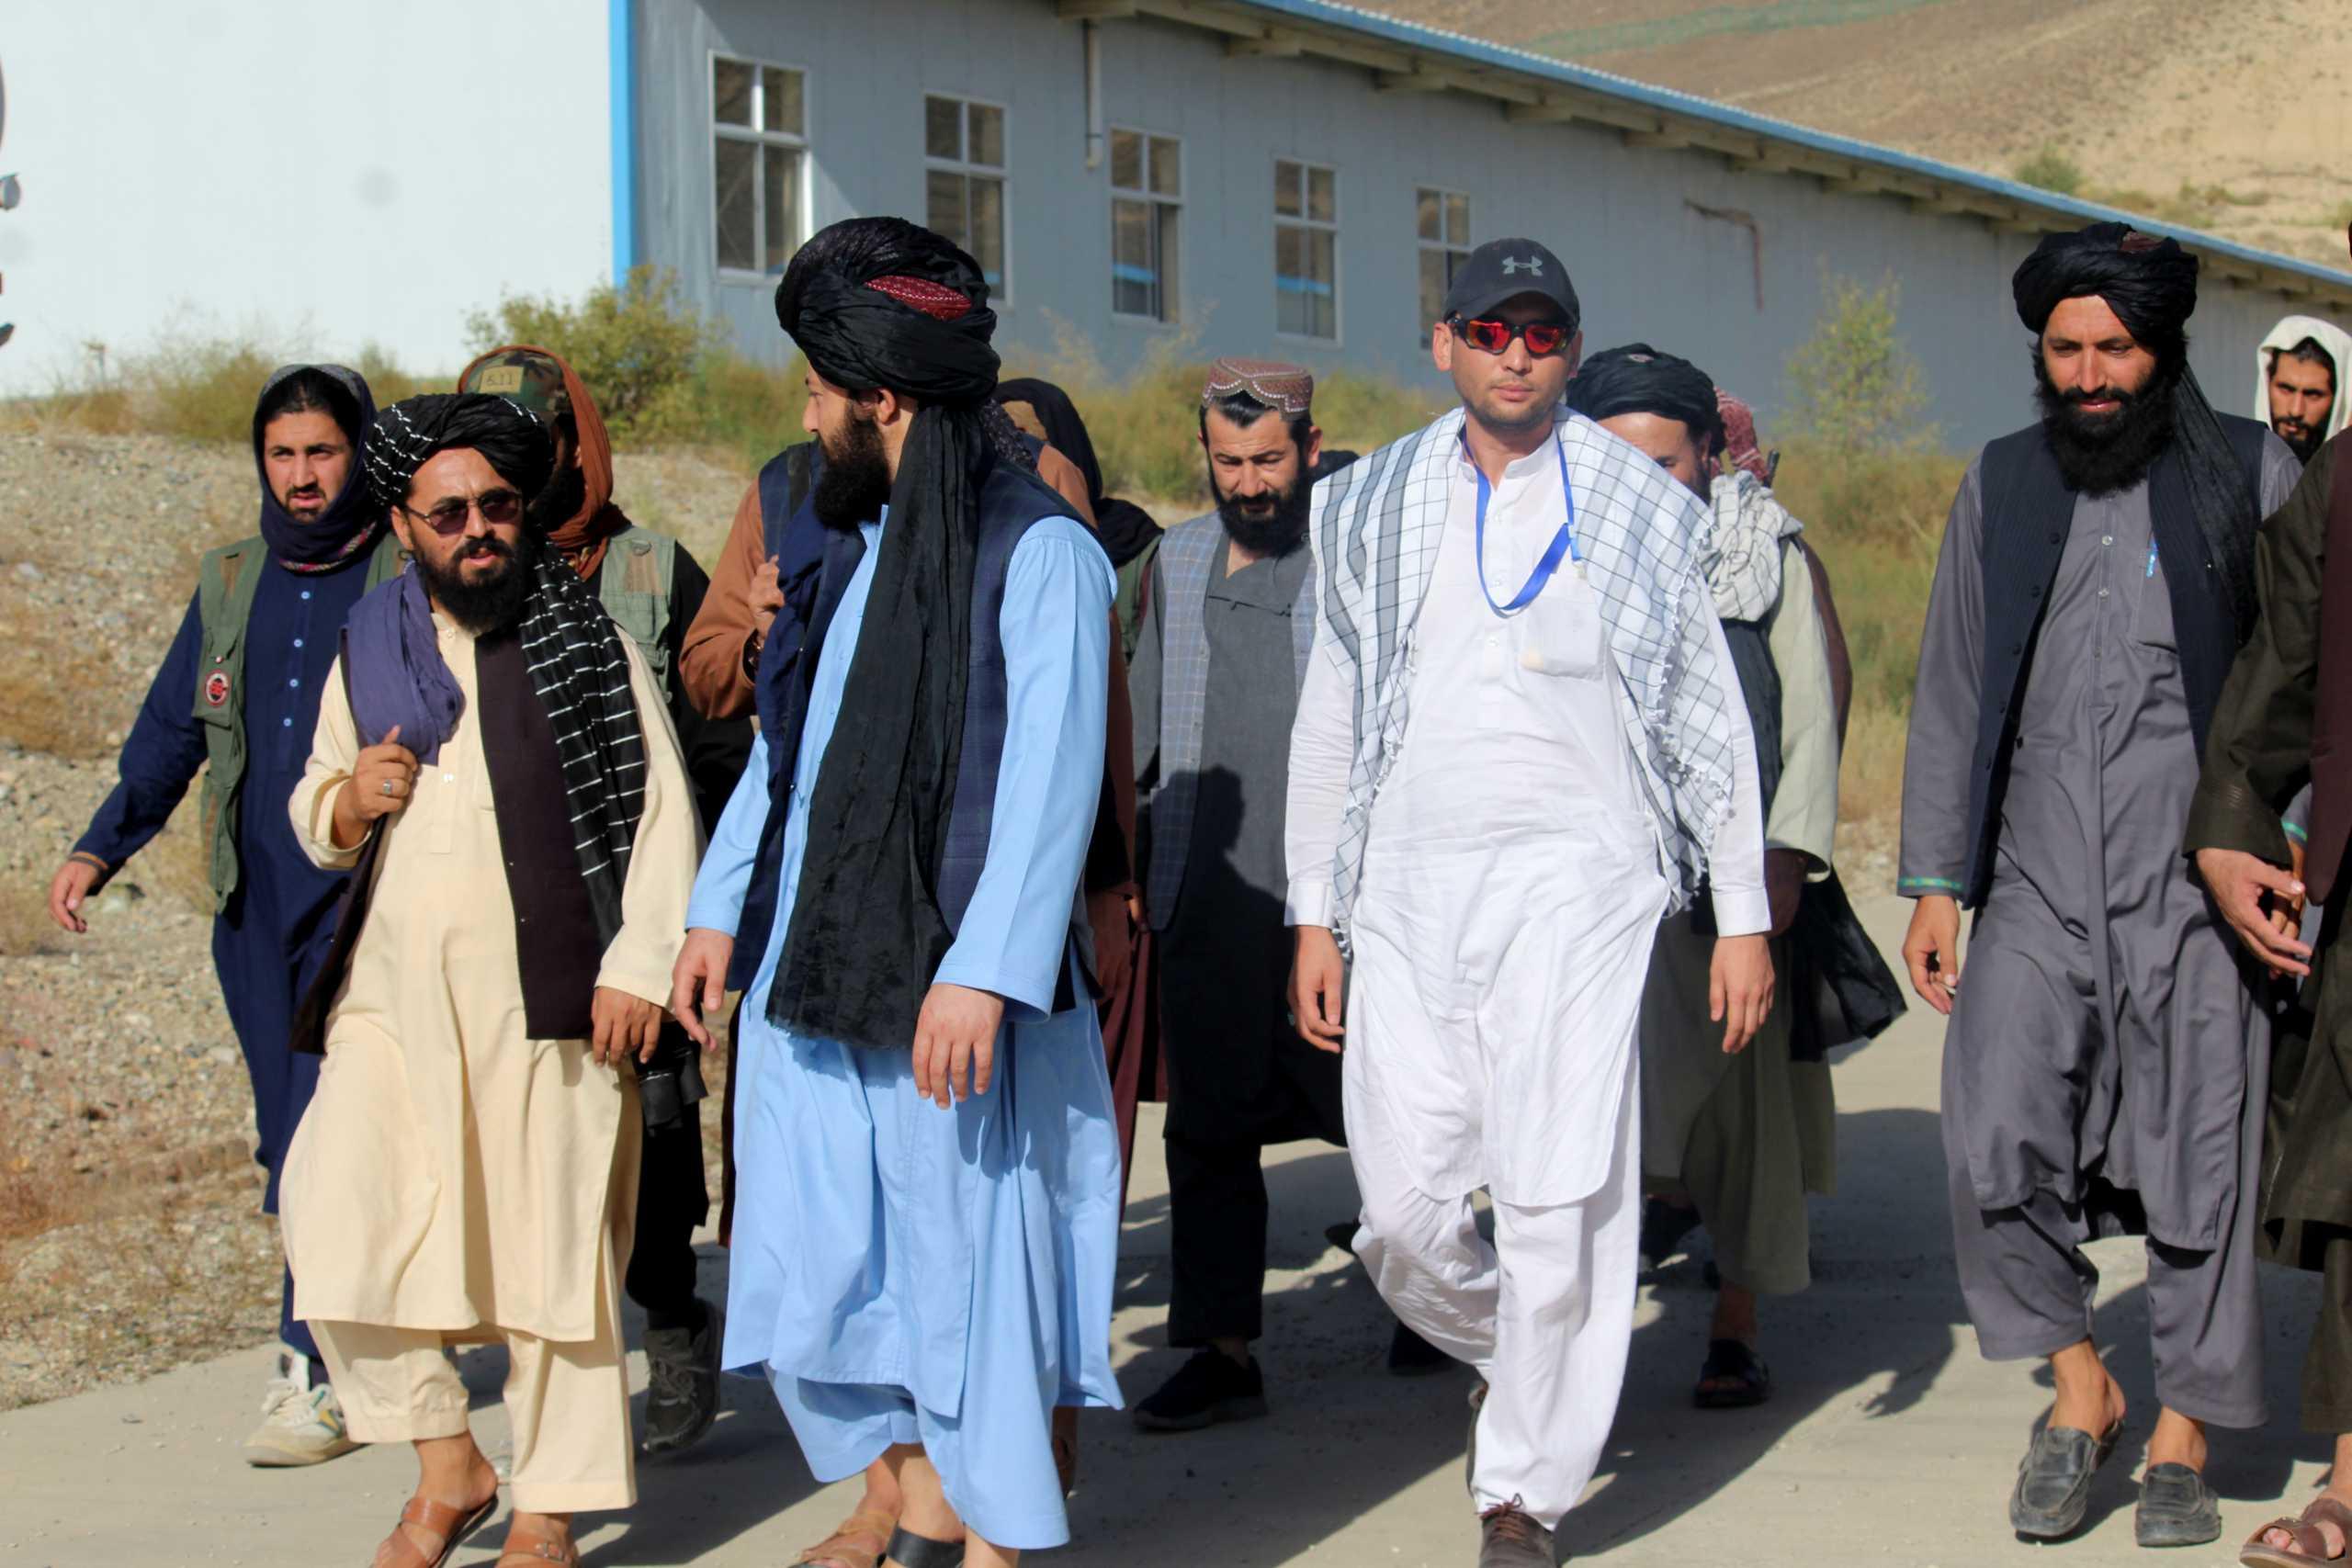 Αφγανιστάν – Ταλιμπάν: Θα αφήσουμε τα κορίτσια να πάνε σχολείο – Ούτε μία γυναίκα στην κυβέρνηση